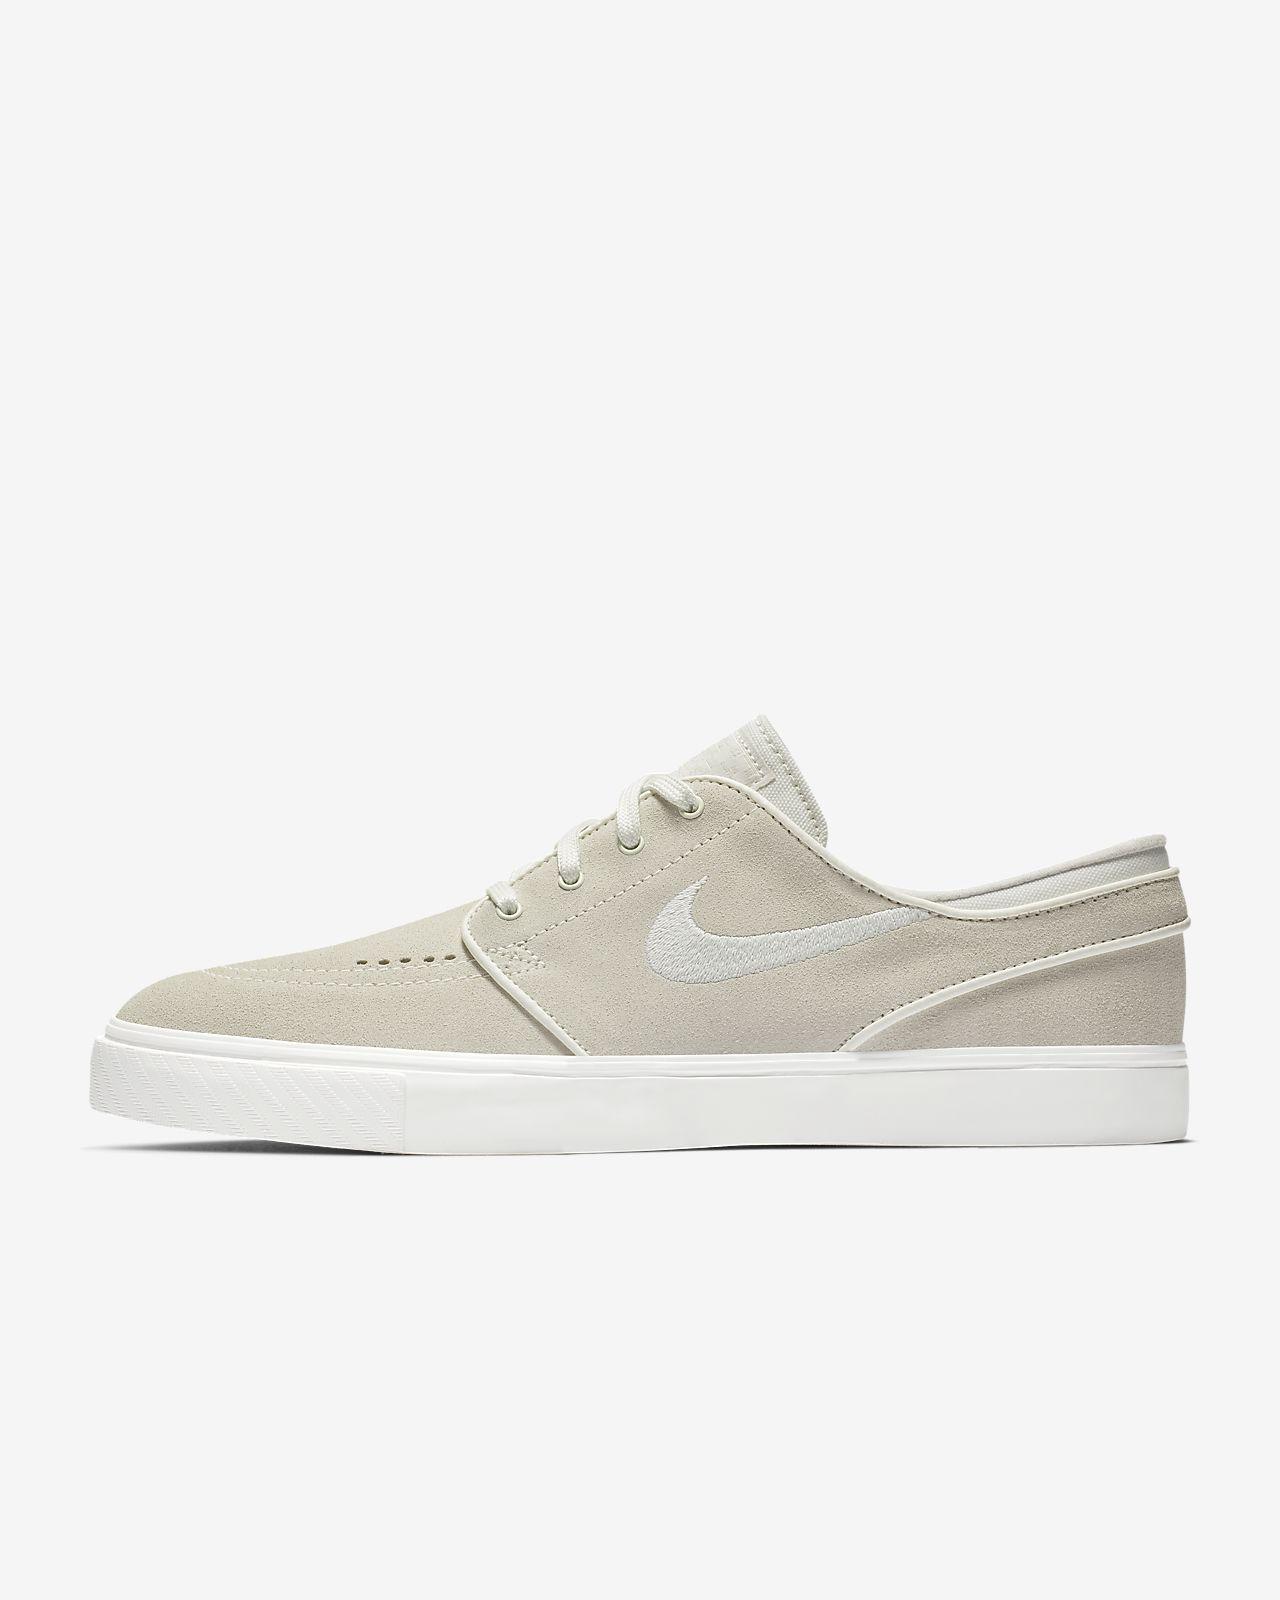 best website 9f9f5 65510 ... Chaussure de skateboard Nike Zoom Stefan Janoski pour Homme